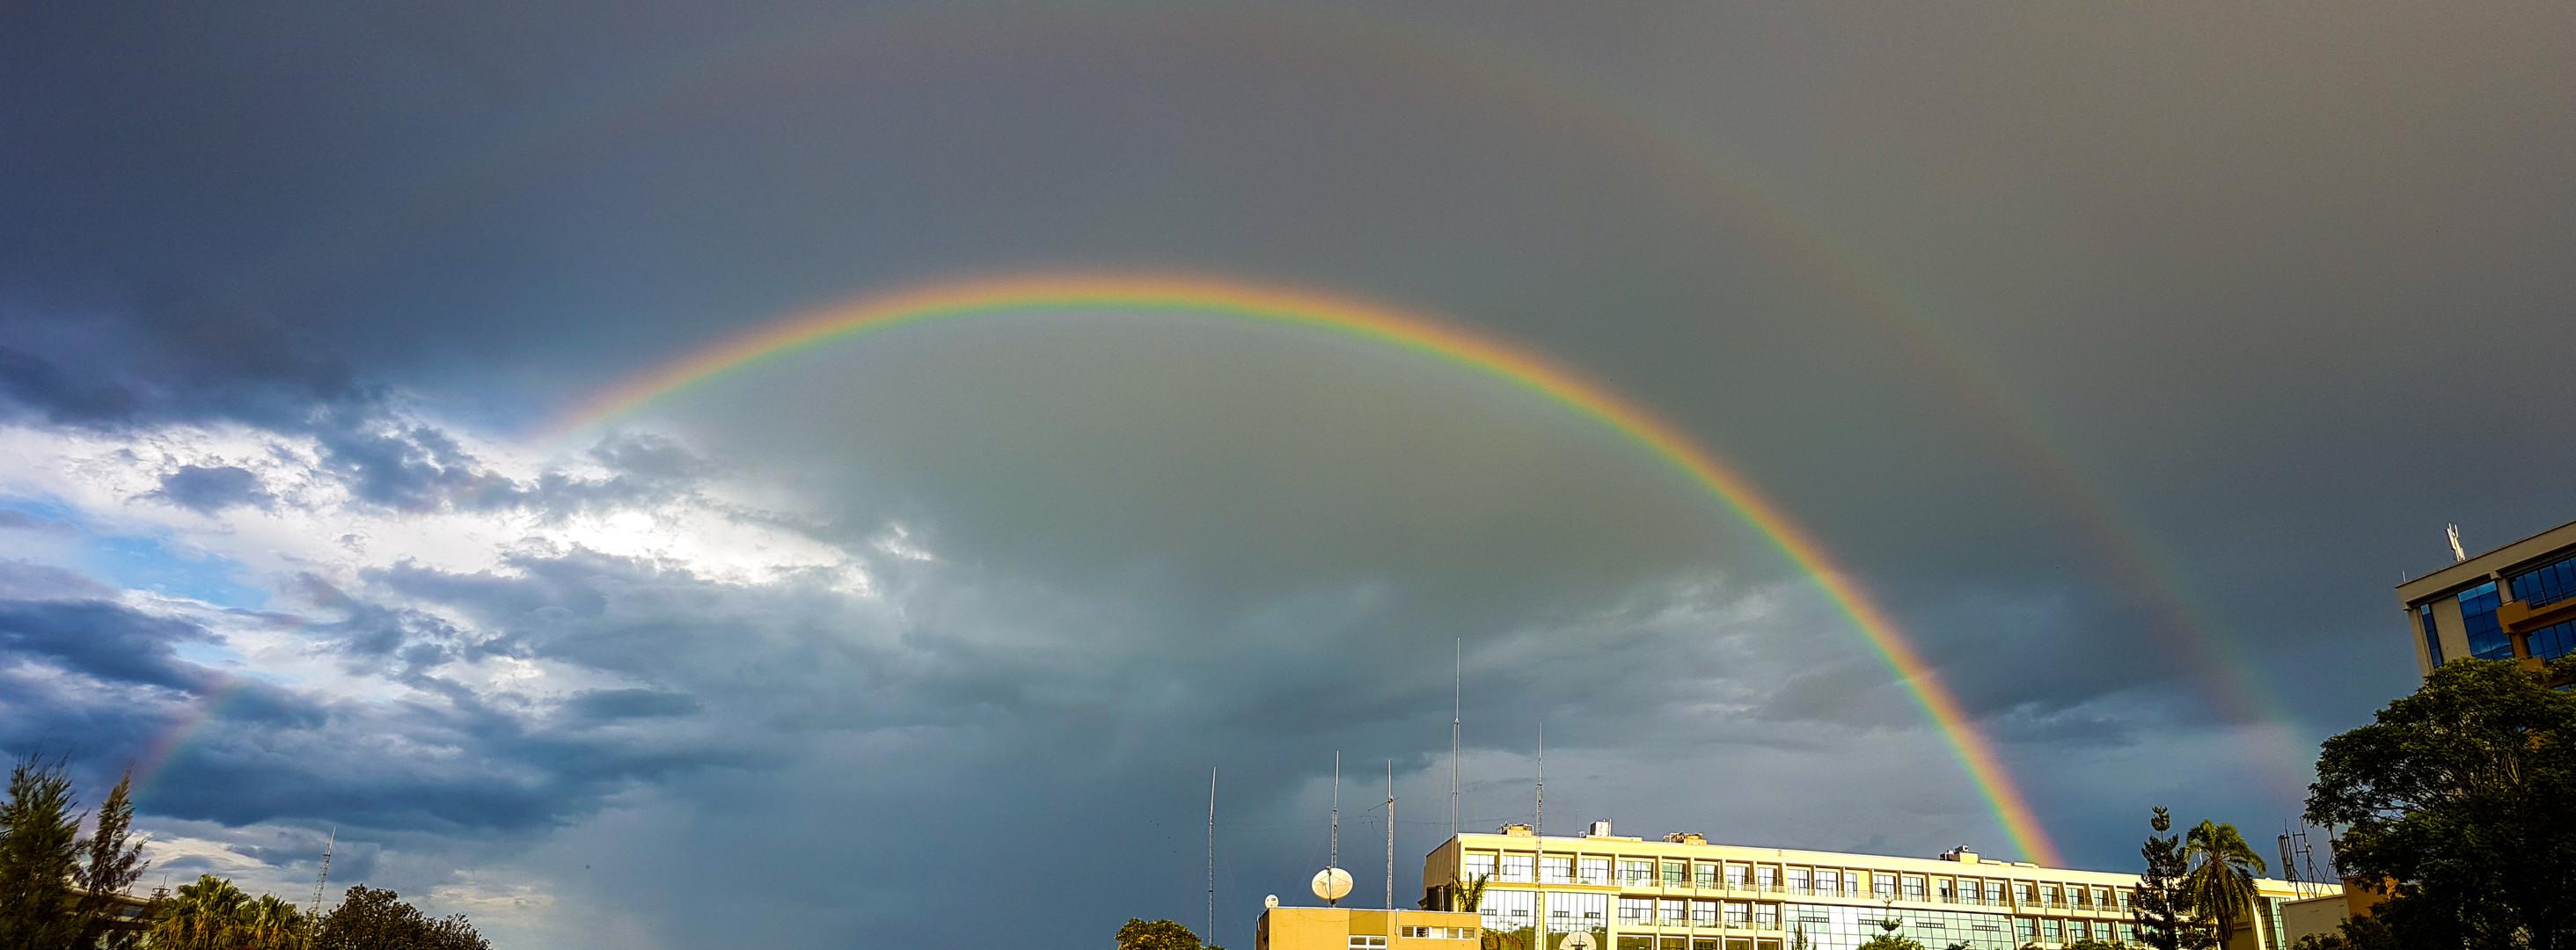 umukororombya: Super schöne Regenbogen